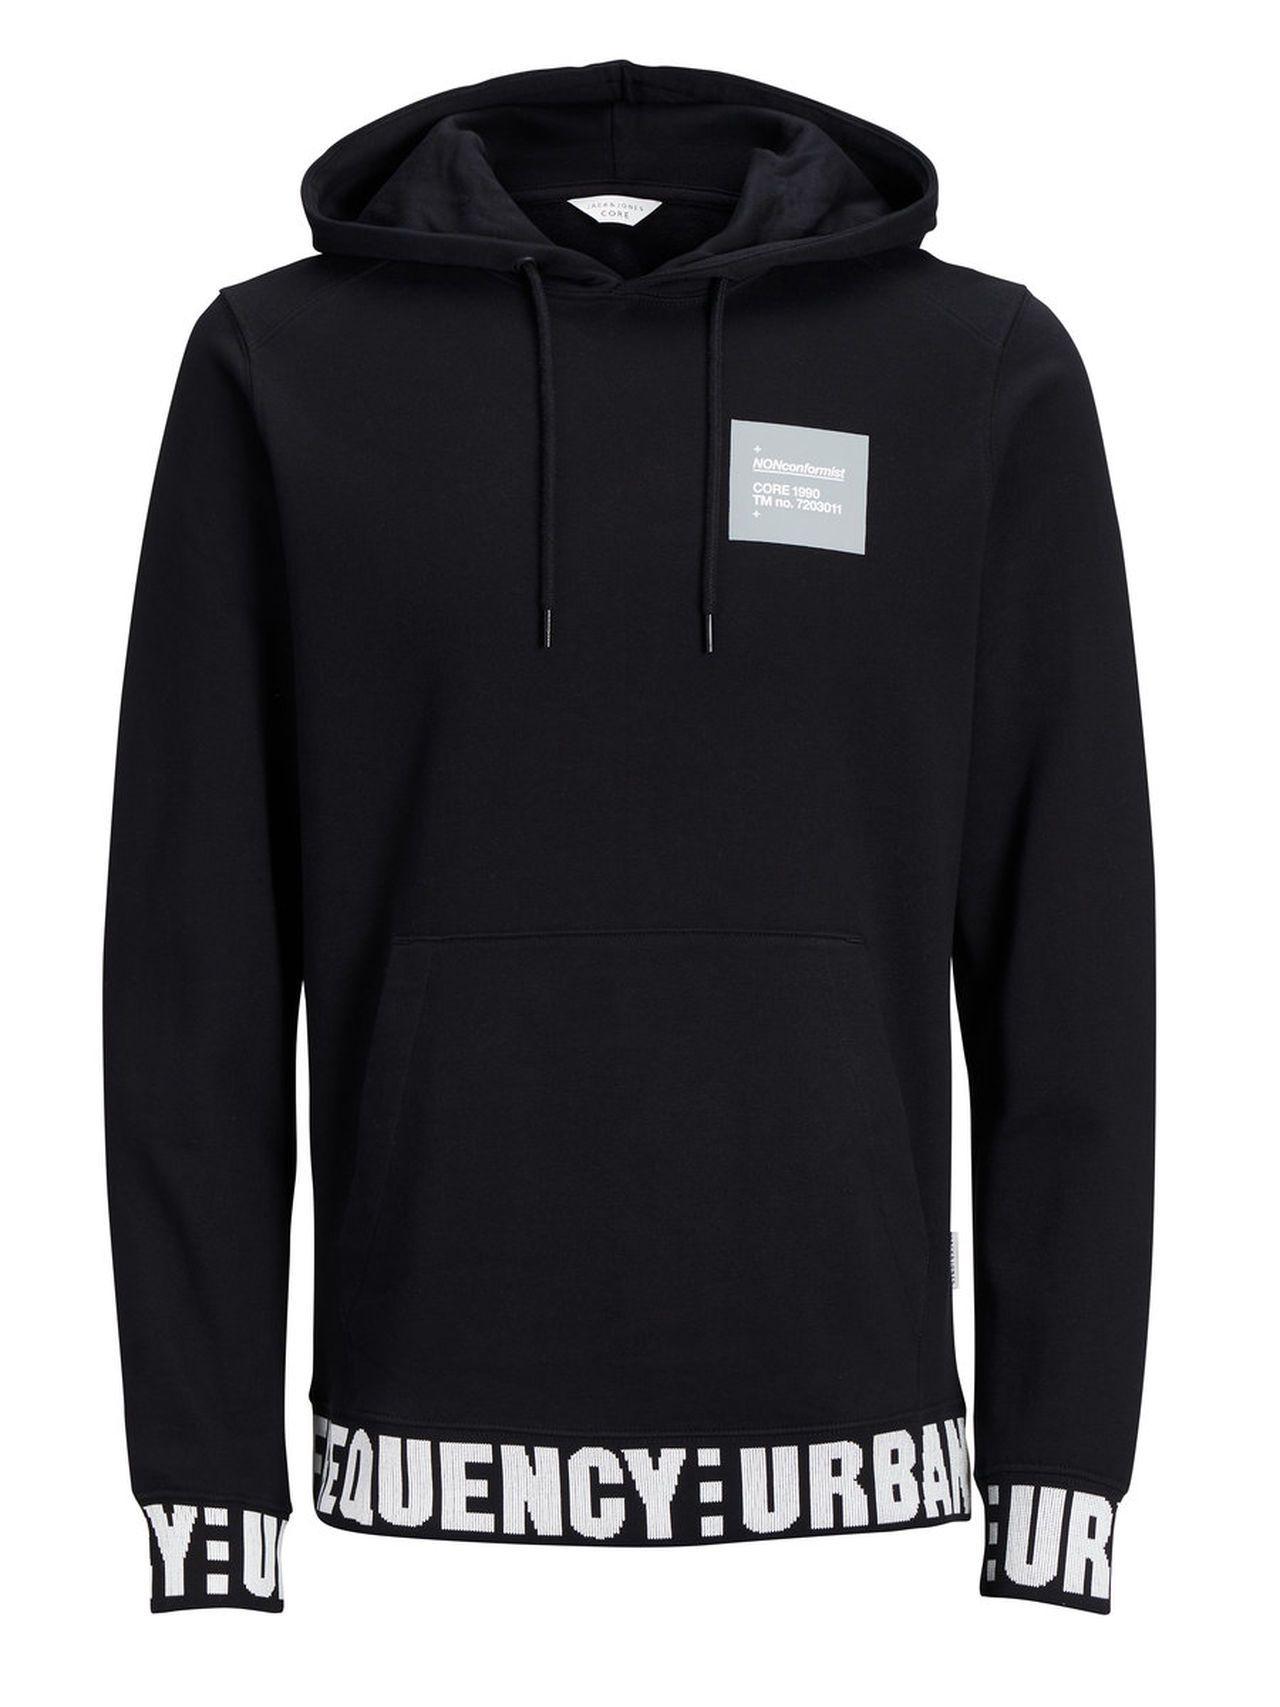 949c8a6dfa5640  JackJones  JACKJONES  Bekleidung  Herren  Sale  Shirts  Sweatshirts  JACK   JONES  Print  Sweatshirt  Herren  Schwarz  5713720917248  mode  ootd   outfit ...